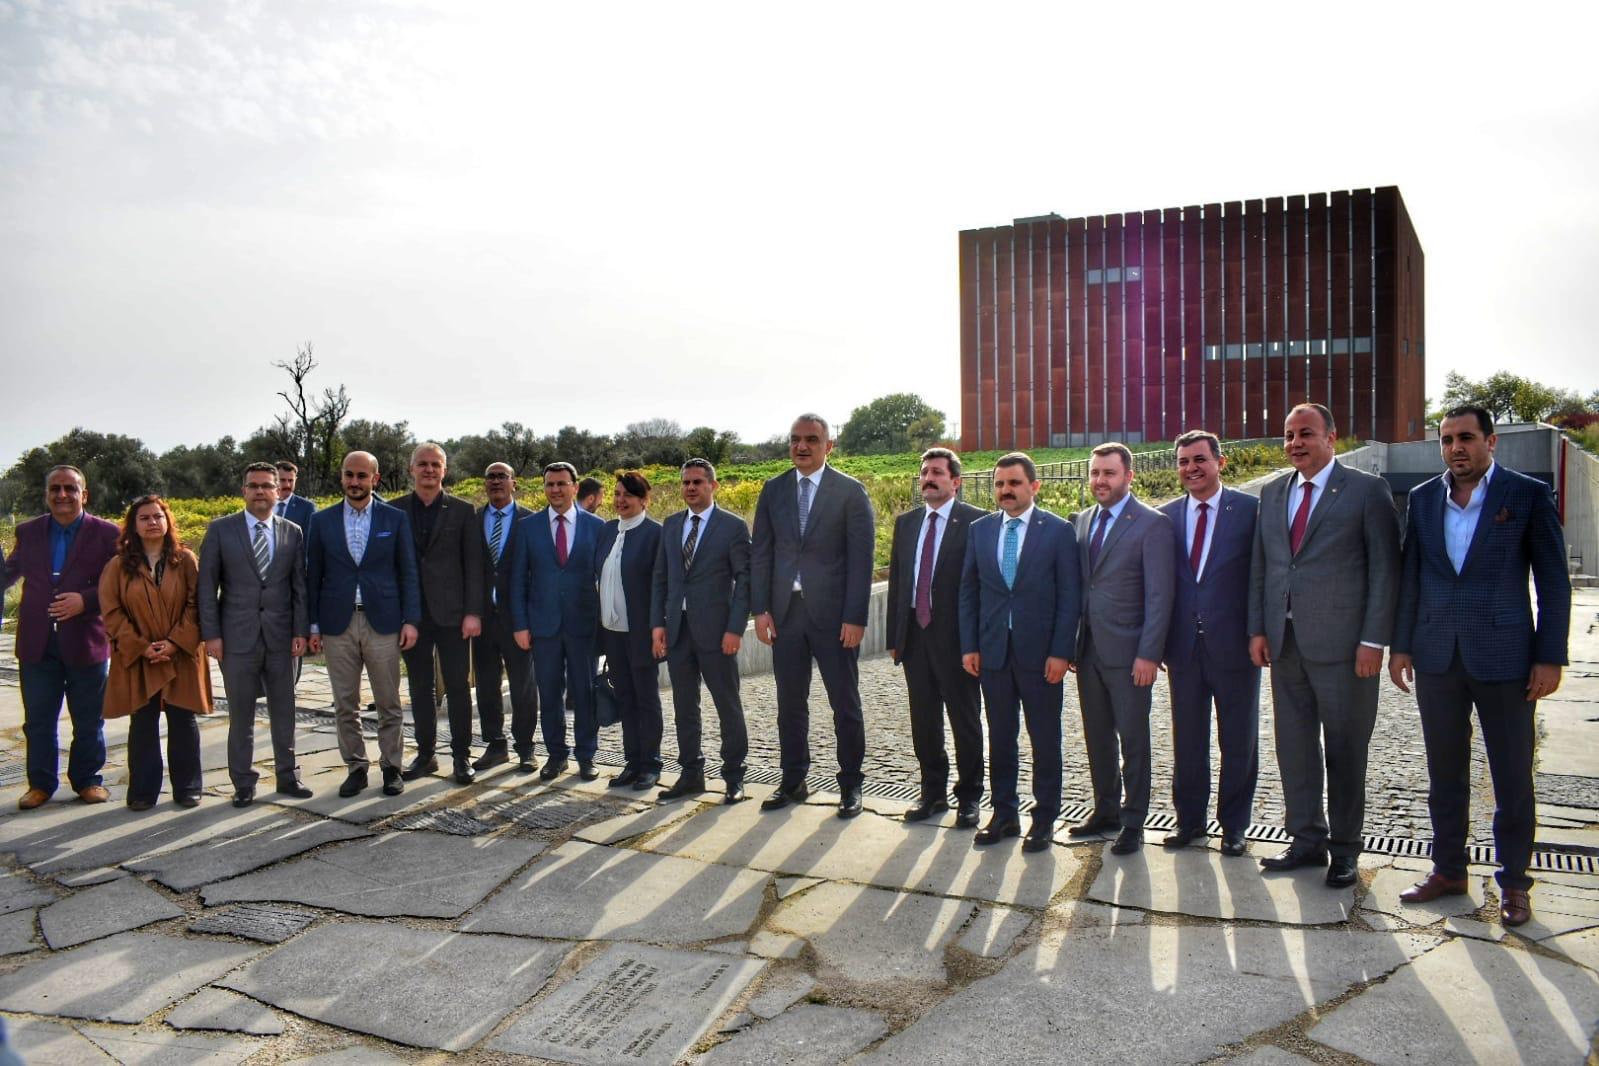 Kültür ve Turizm Bakanı Mehmet Nuri Ersoy Troya'da